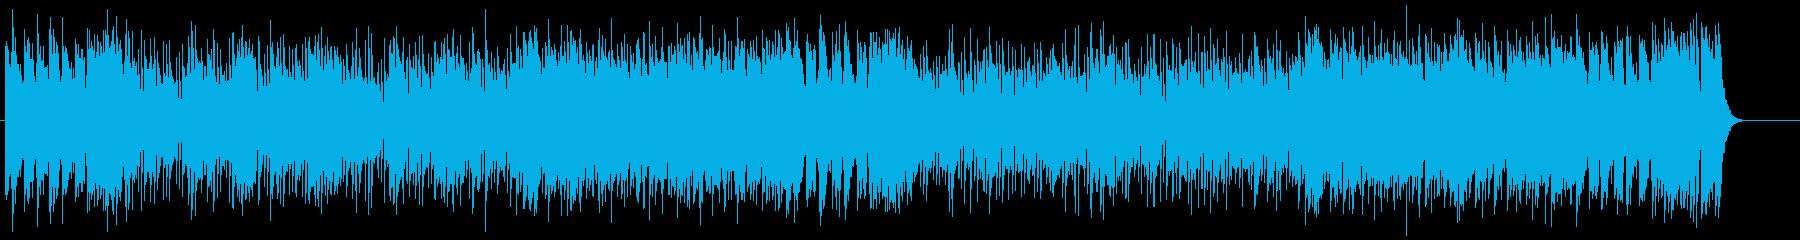 ピアノの調べが美しい、ブライダルBGMの再生済みの波形